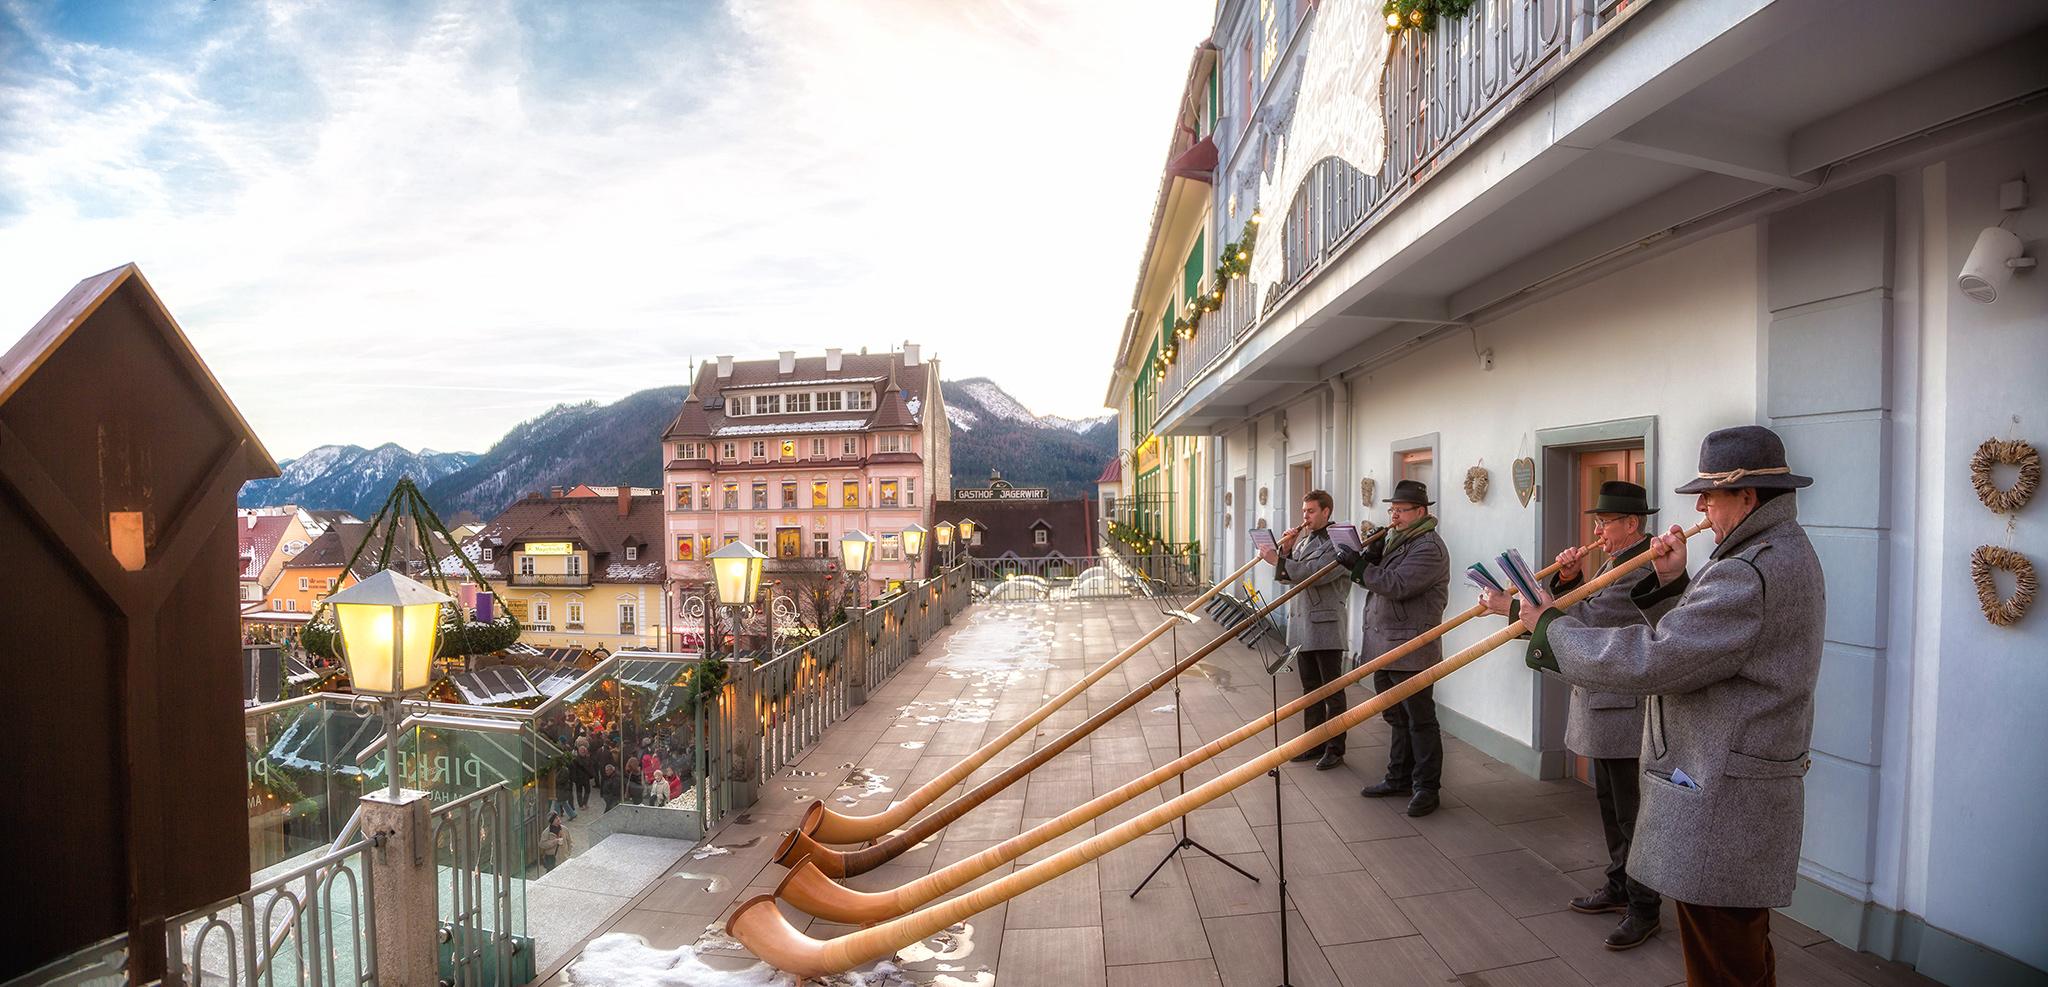 Adventblasen-Alphornblaeser-Mariazell-IMG_0346_stitch